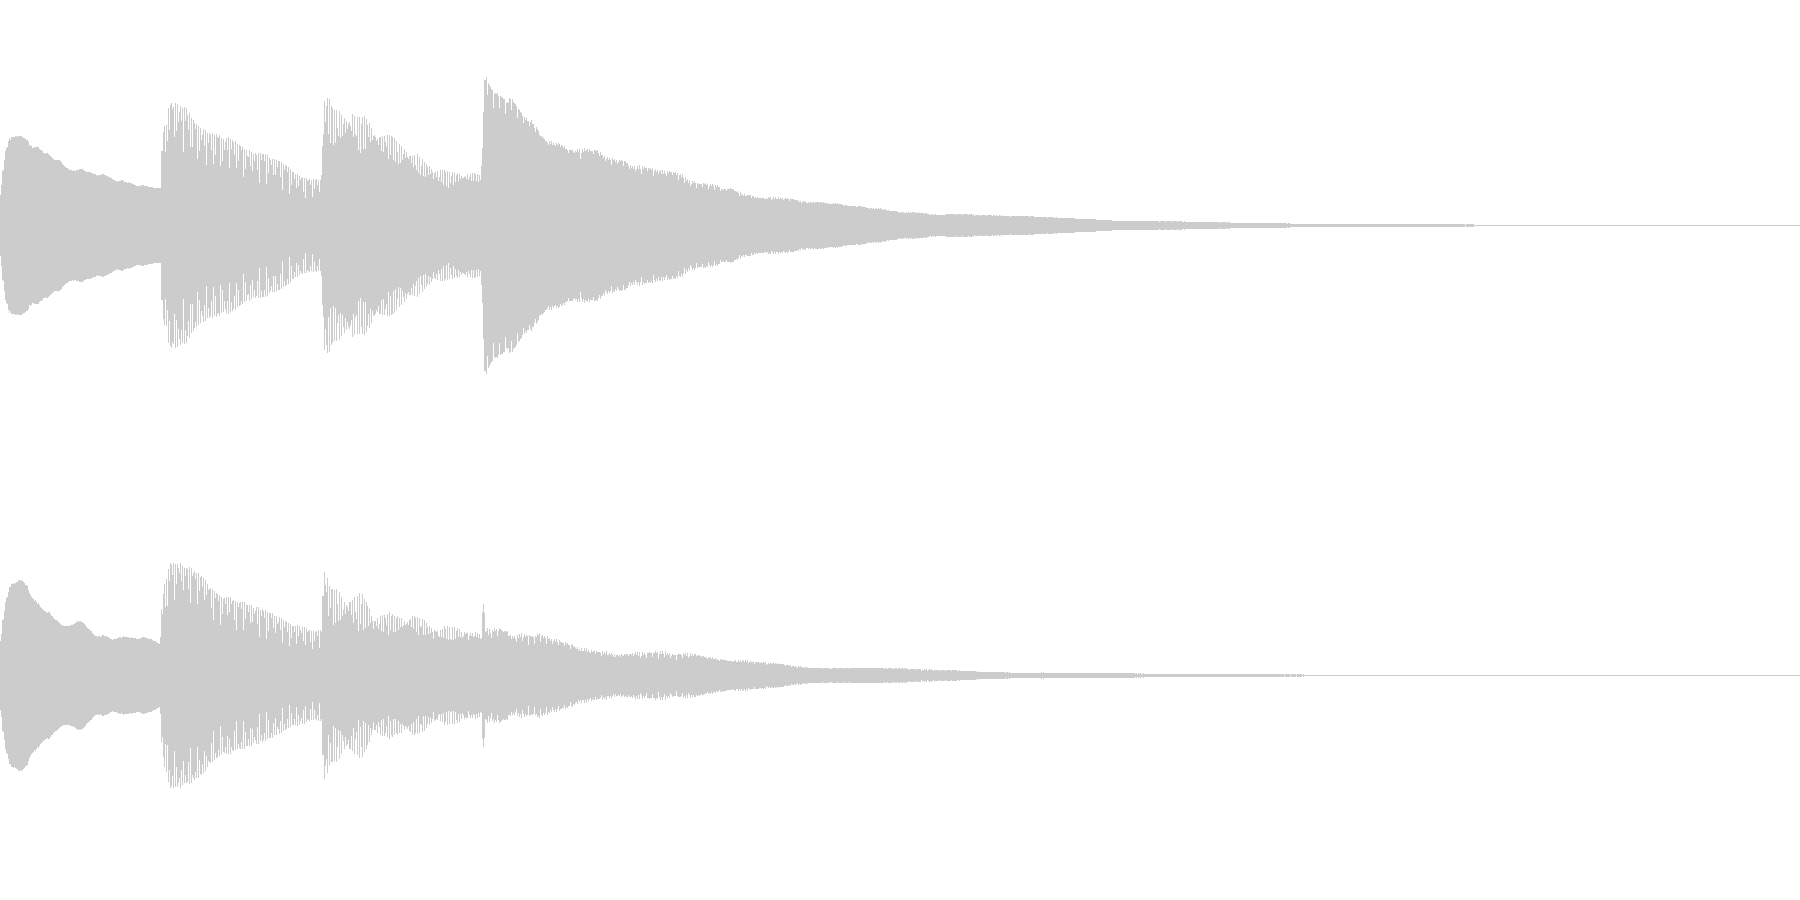 お知らせ・アナウンス音B上昇(普通)02の未再生の波形